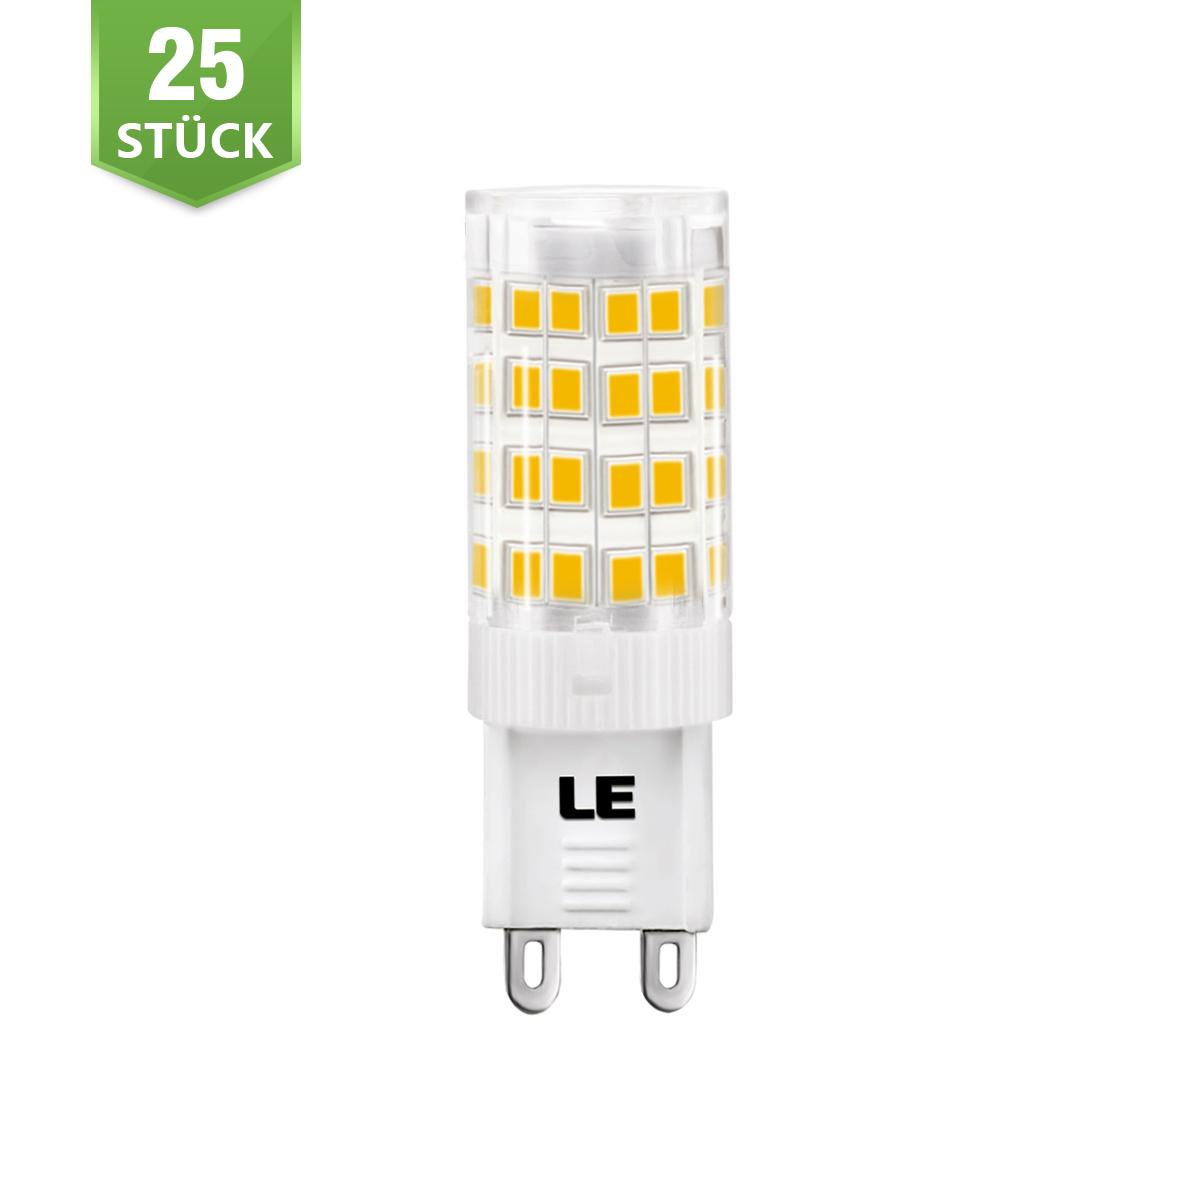 [Bündel] 5W G9 LED Maiskolben, 340lm Maisbirne, 360° Beleuchtung, Ersatz für 50W Halogenbirne, Warmweiß, 25er Set